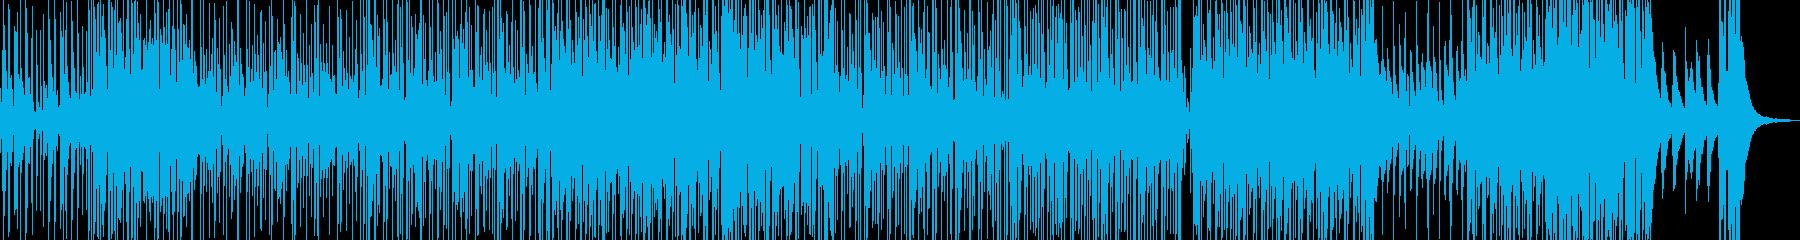 洒落っ気のあるアダルティなR&Bの再生済みの波形